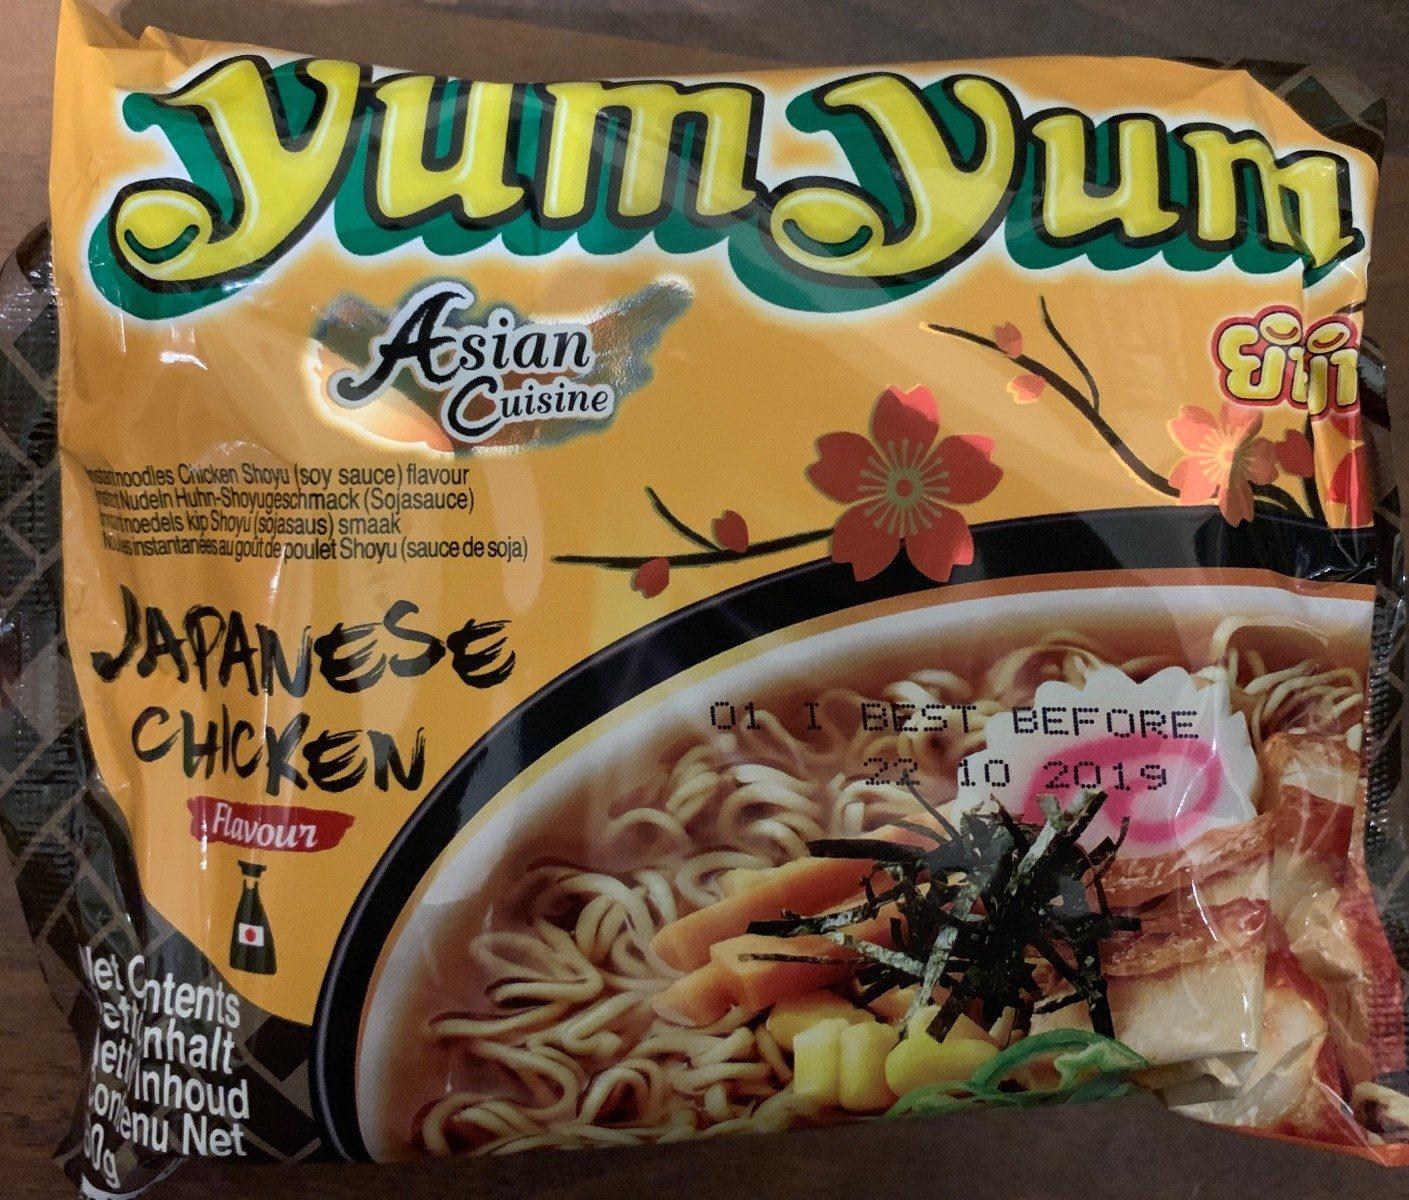 Japanese Chicken - Produit